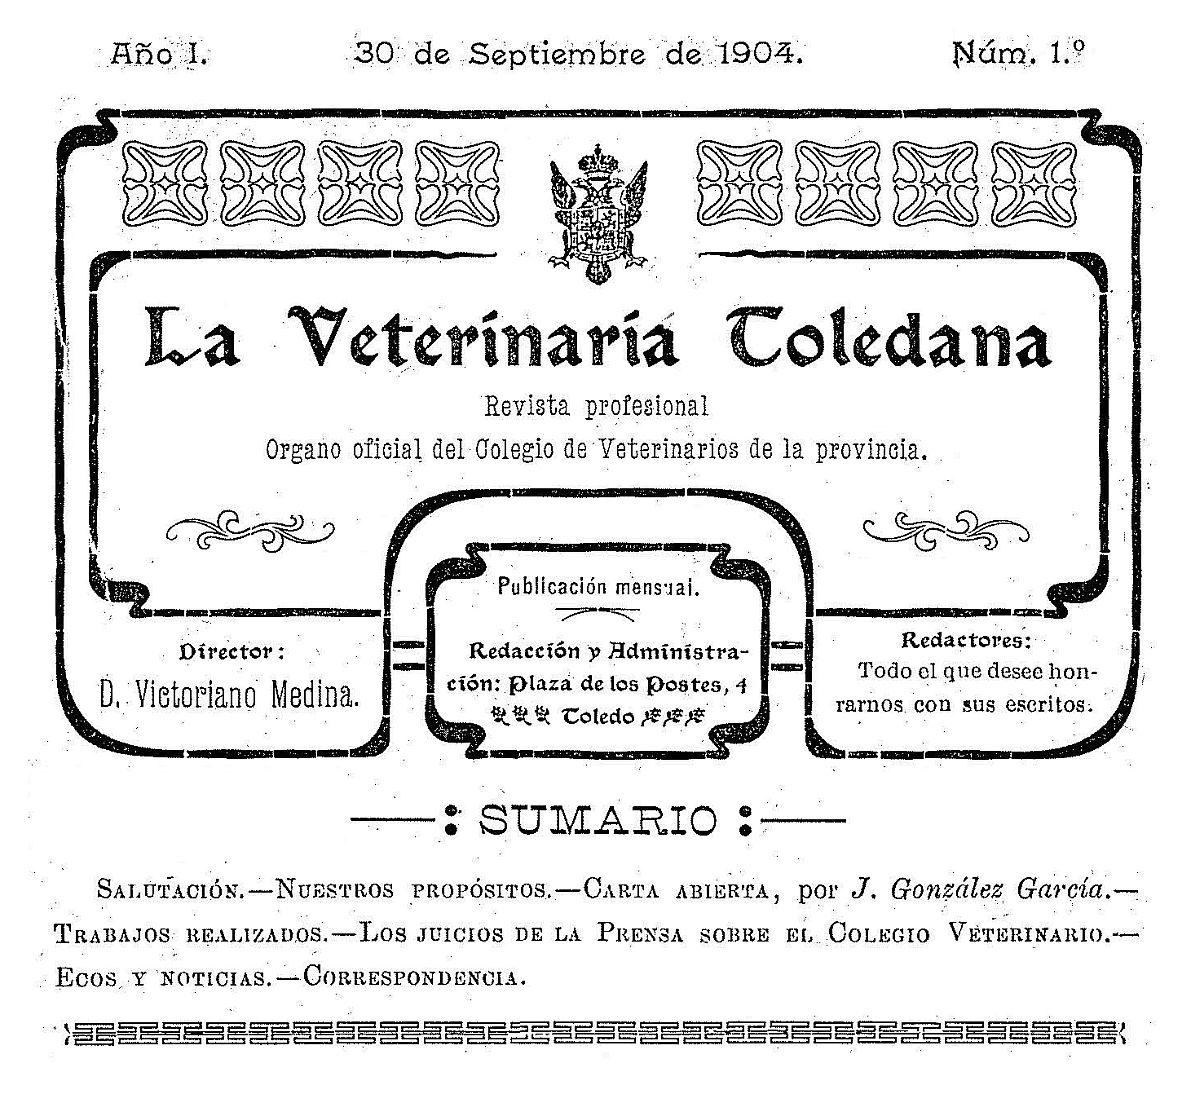 https://www.toledo.es/wp-content/uploads/2017/10/la-veterinaria-toledana-detalle-de-la-portada-del-primer-numero-de-1904-1-1200x1094.jpg. La Veterinaria Toledana : In memoriam de Santiago Medina Díaz-Marta